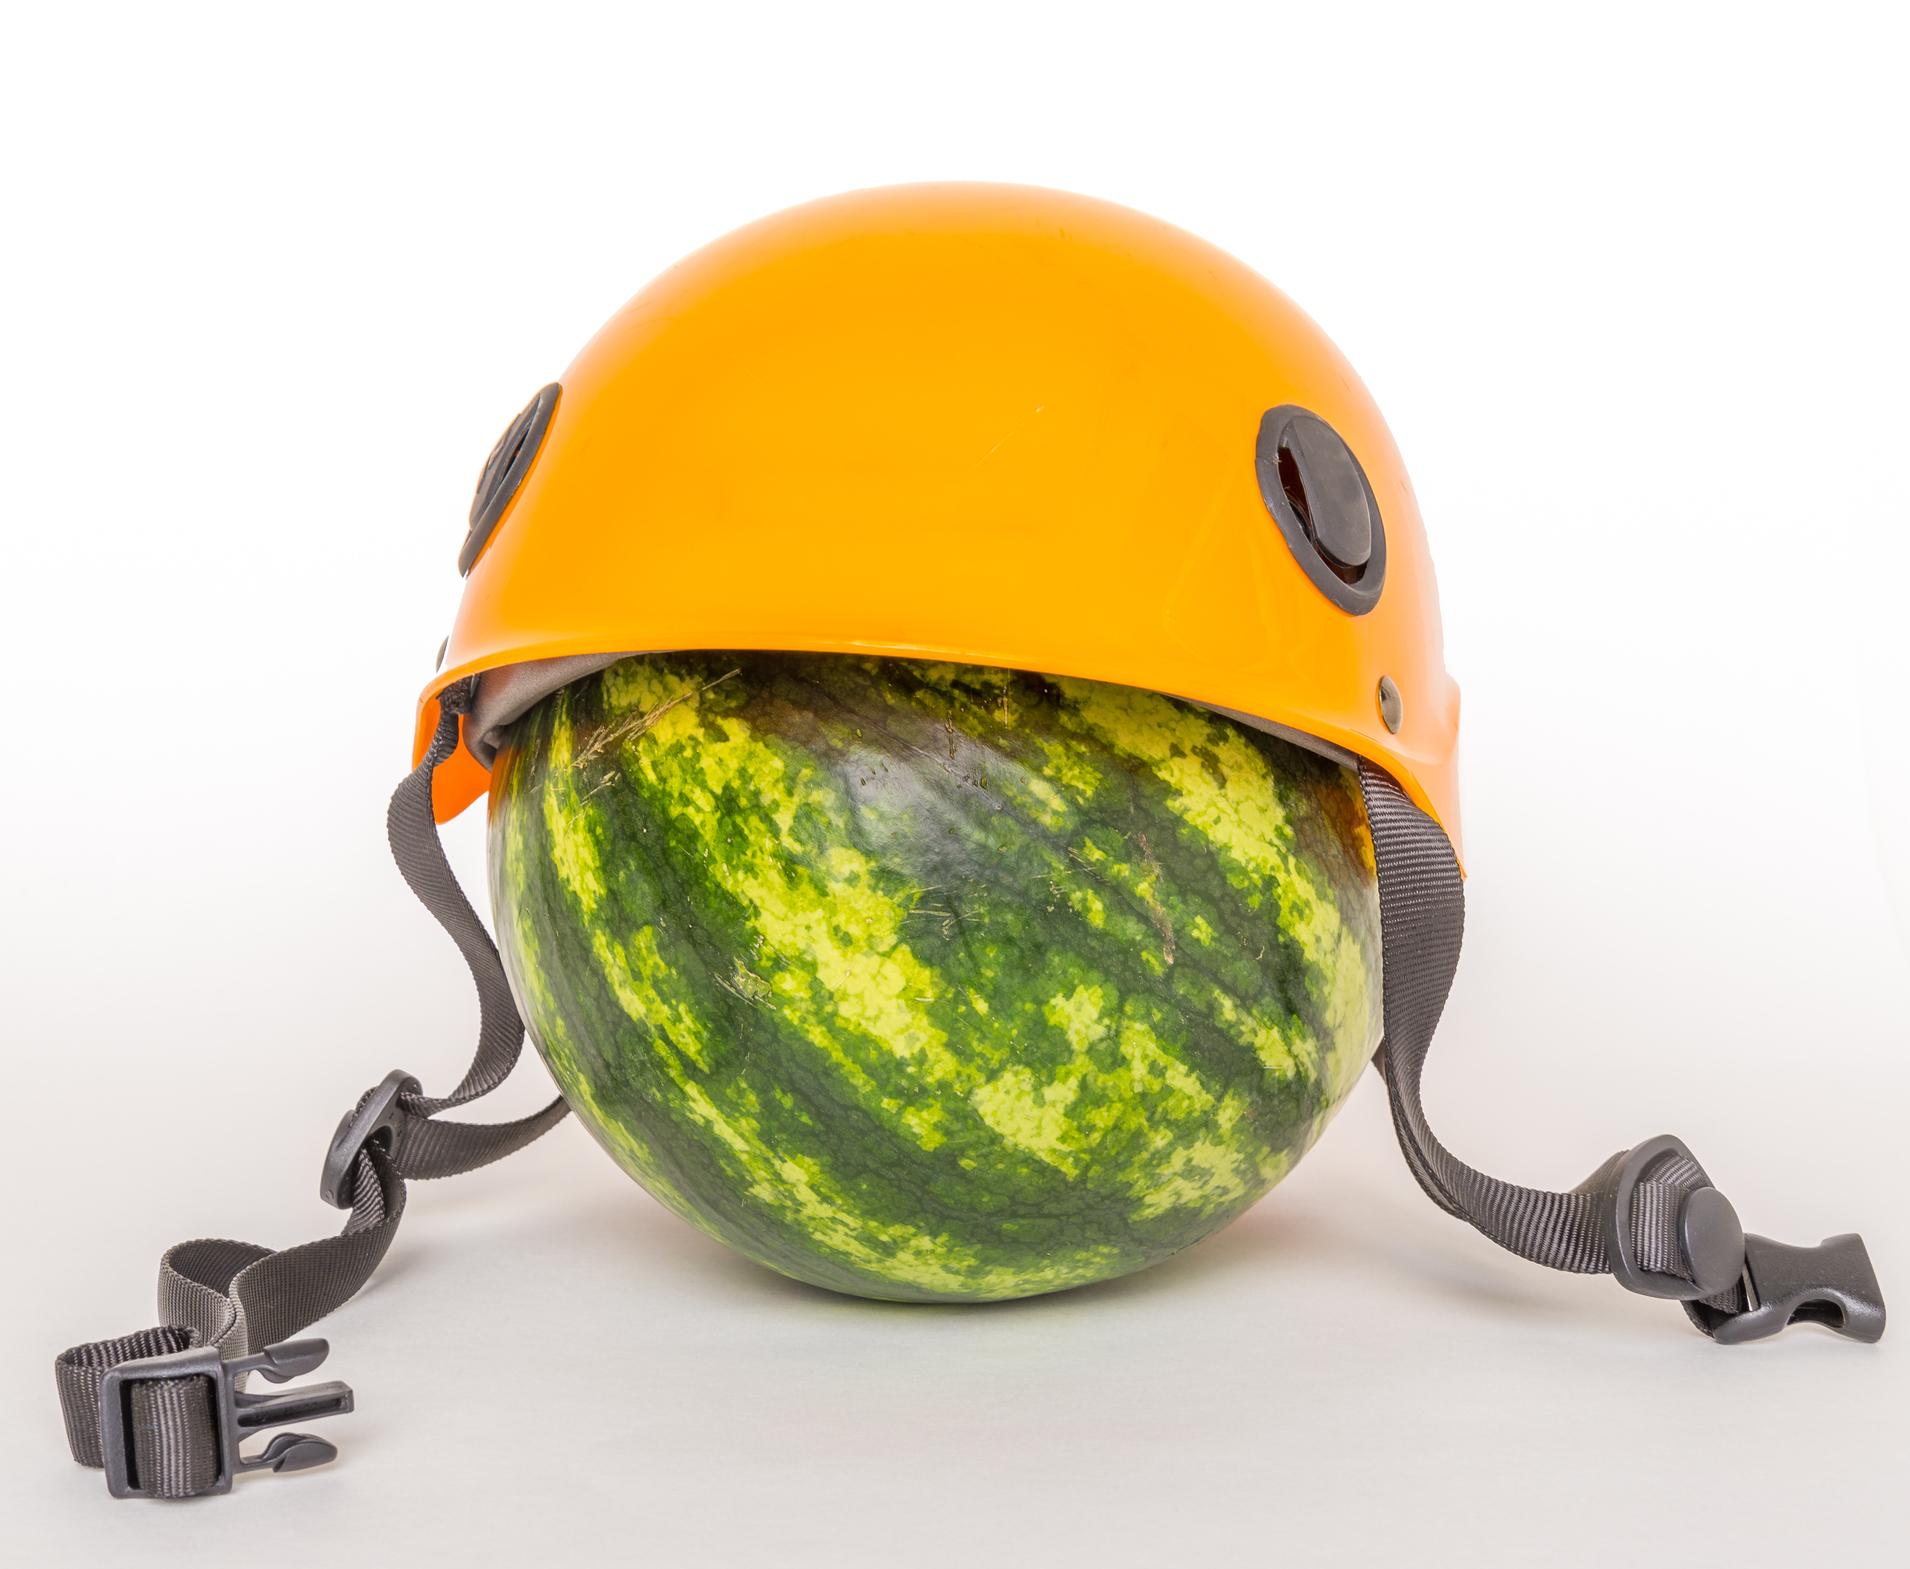 A watermelon wearing a helmet.